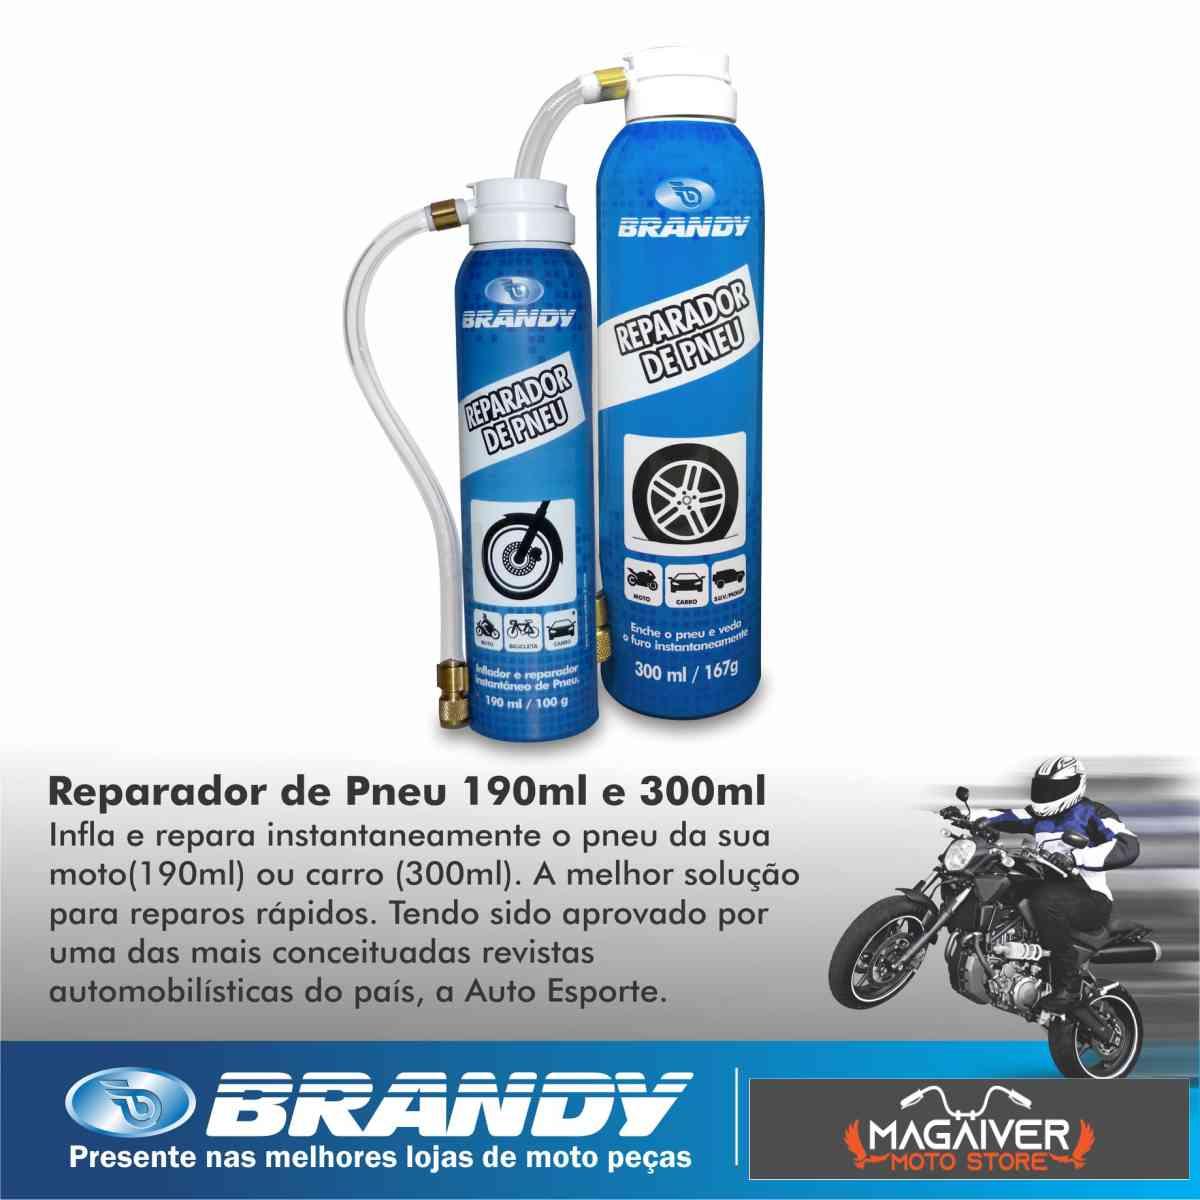 KIT 02 REPARADOR DE PNEUS BRANDY 300ML PARA CARROS